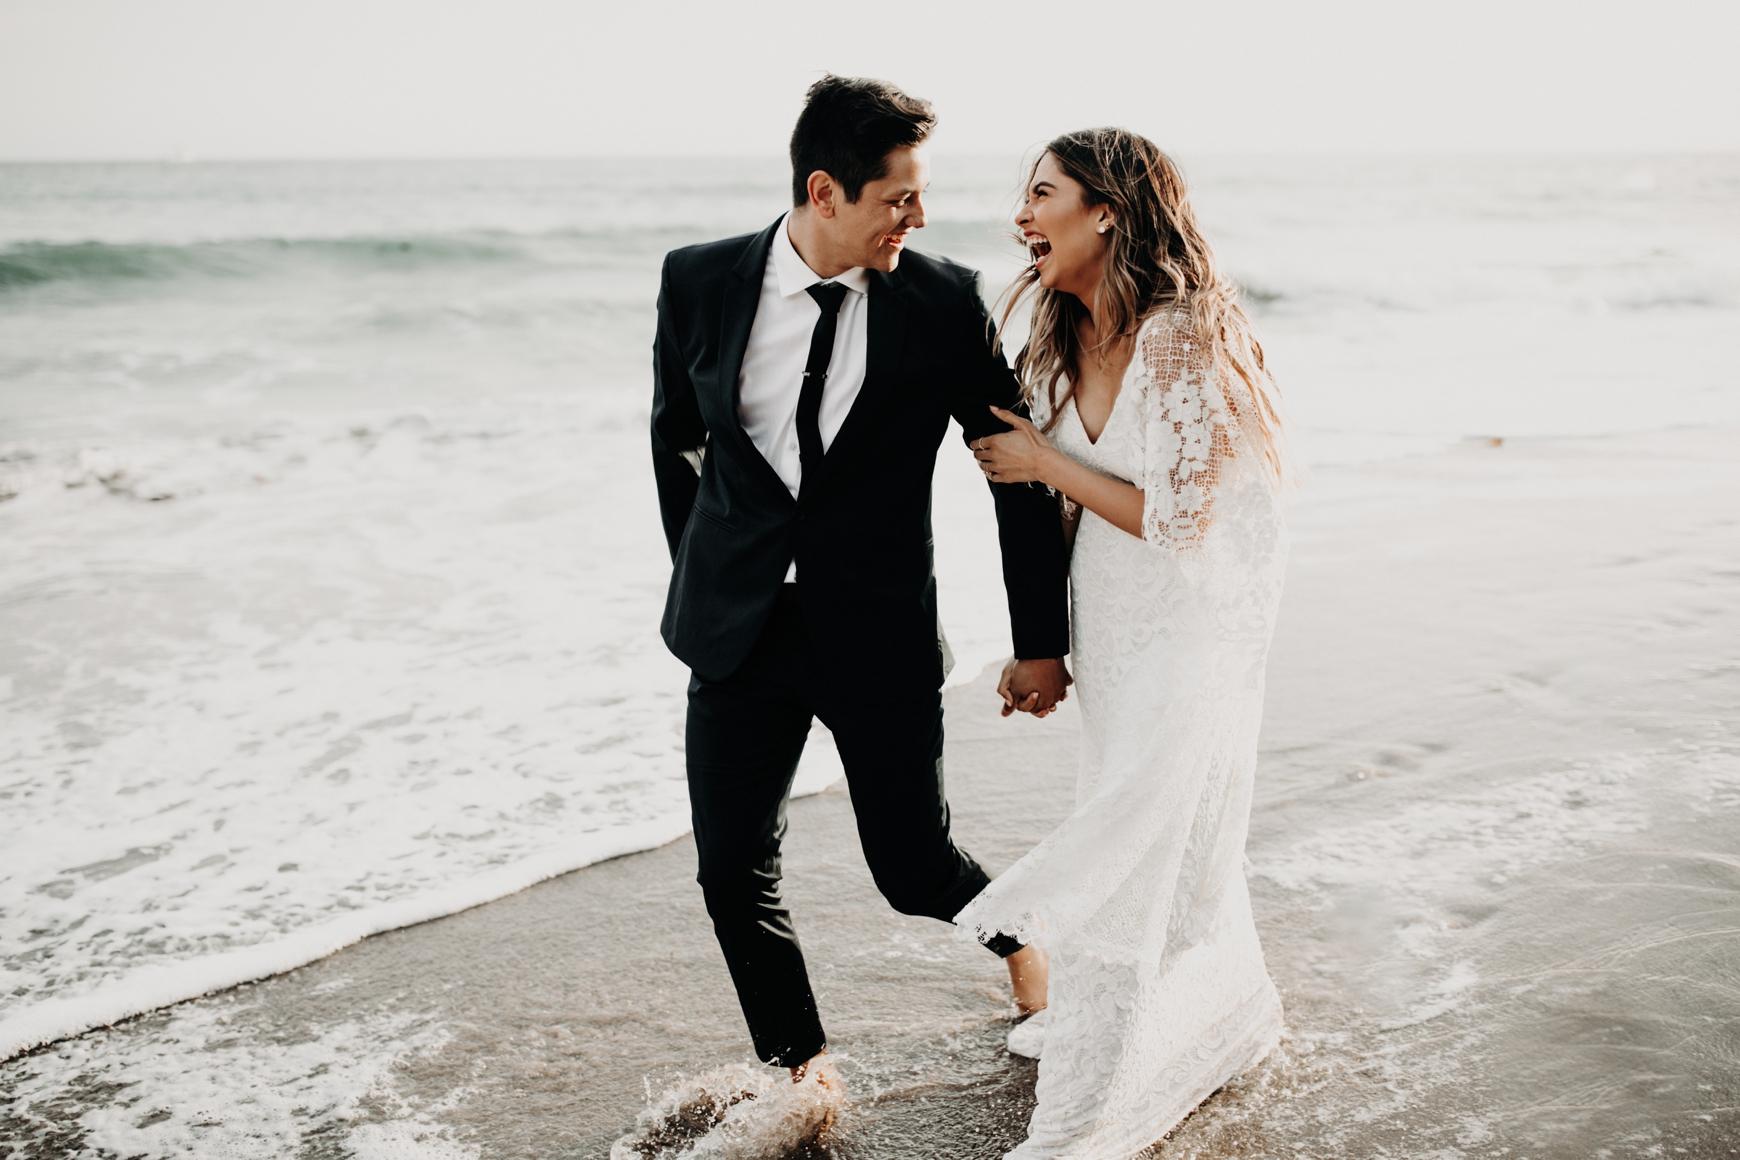 El Matador Beach Bridal Portraits Justellen & TJ Emily Magers Photography-276Emily Magers Photography.jpg